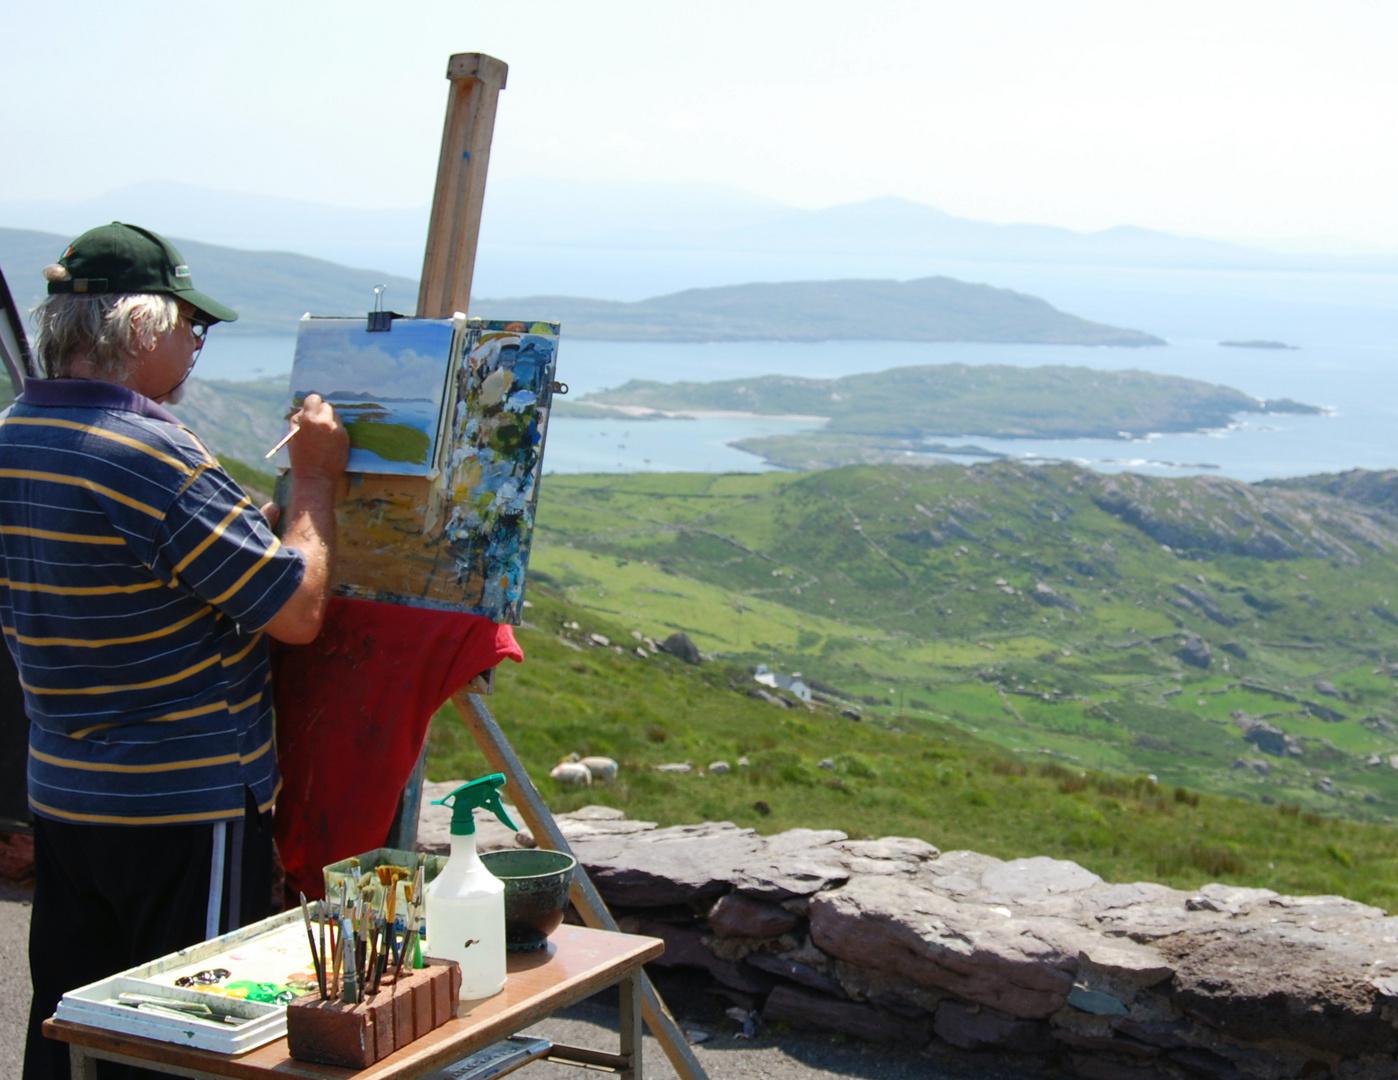 Maler und Fotografen sind von solch einem Motiv begeistert!